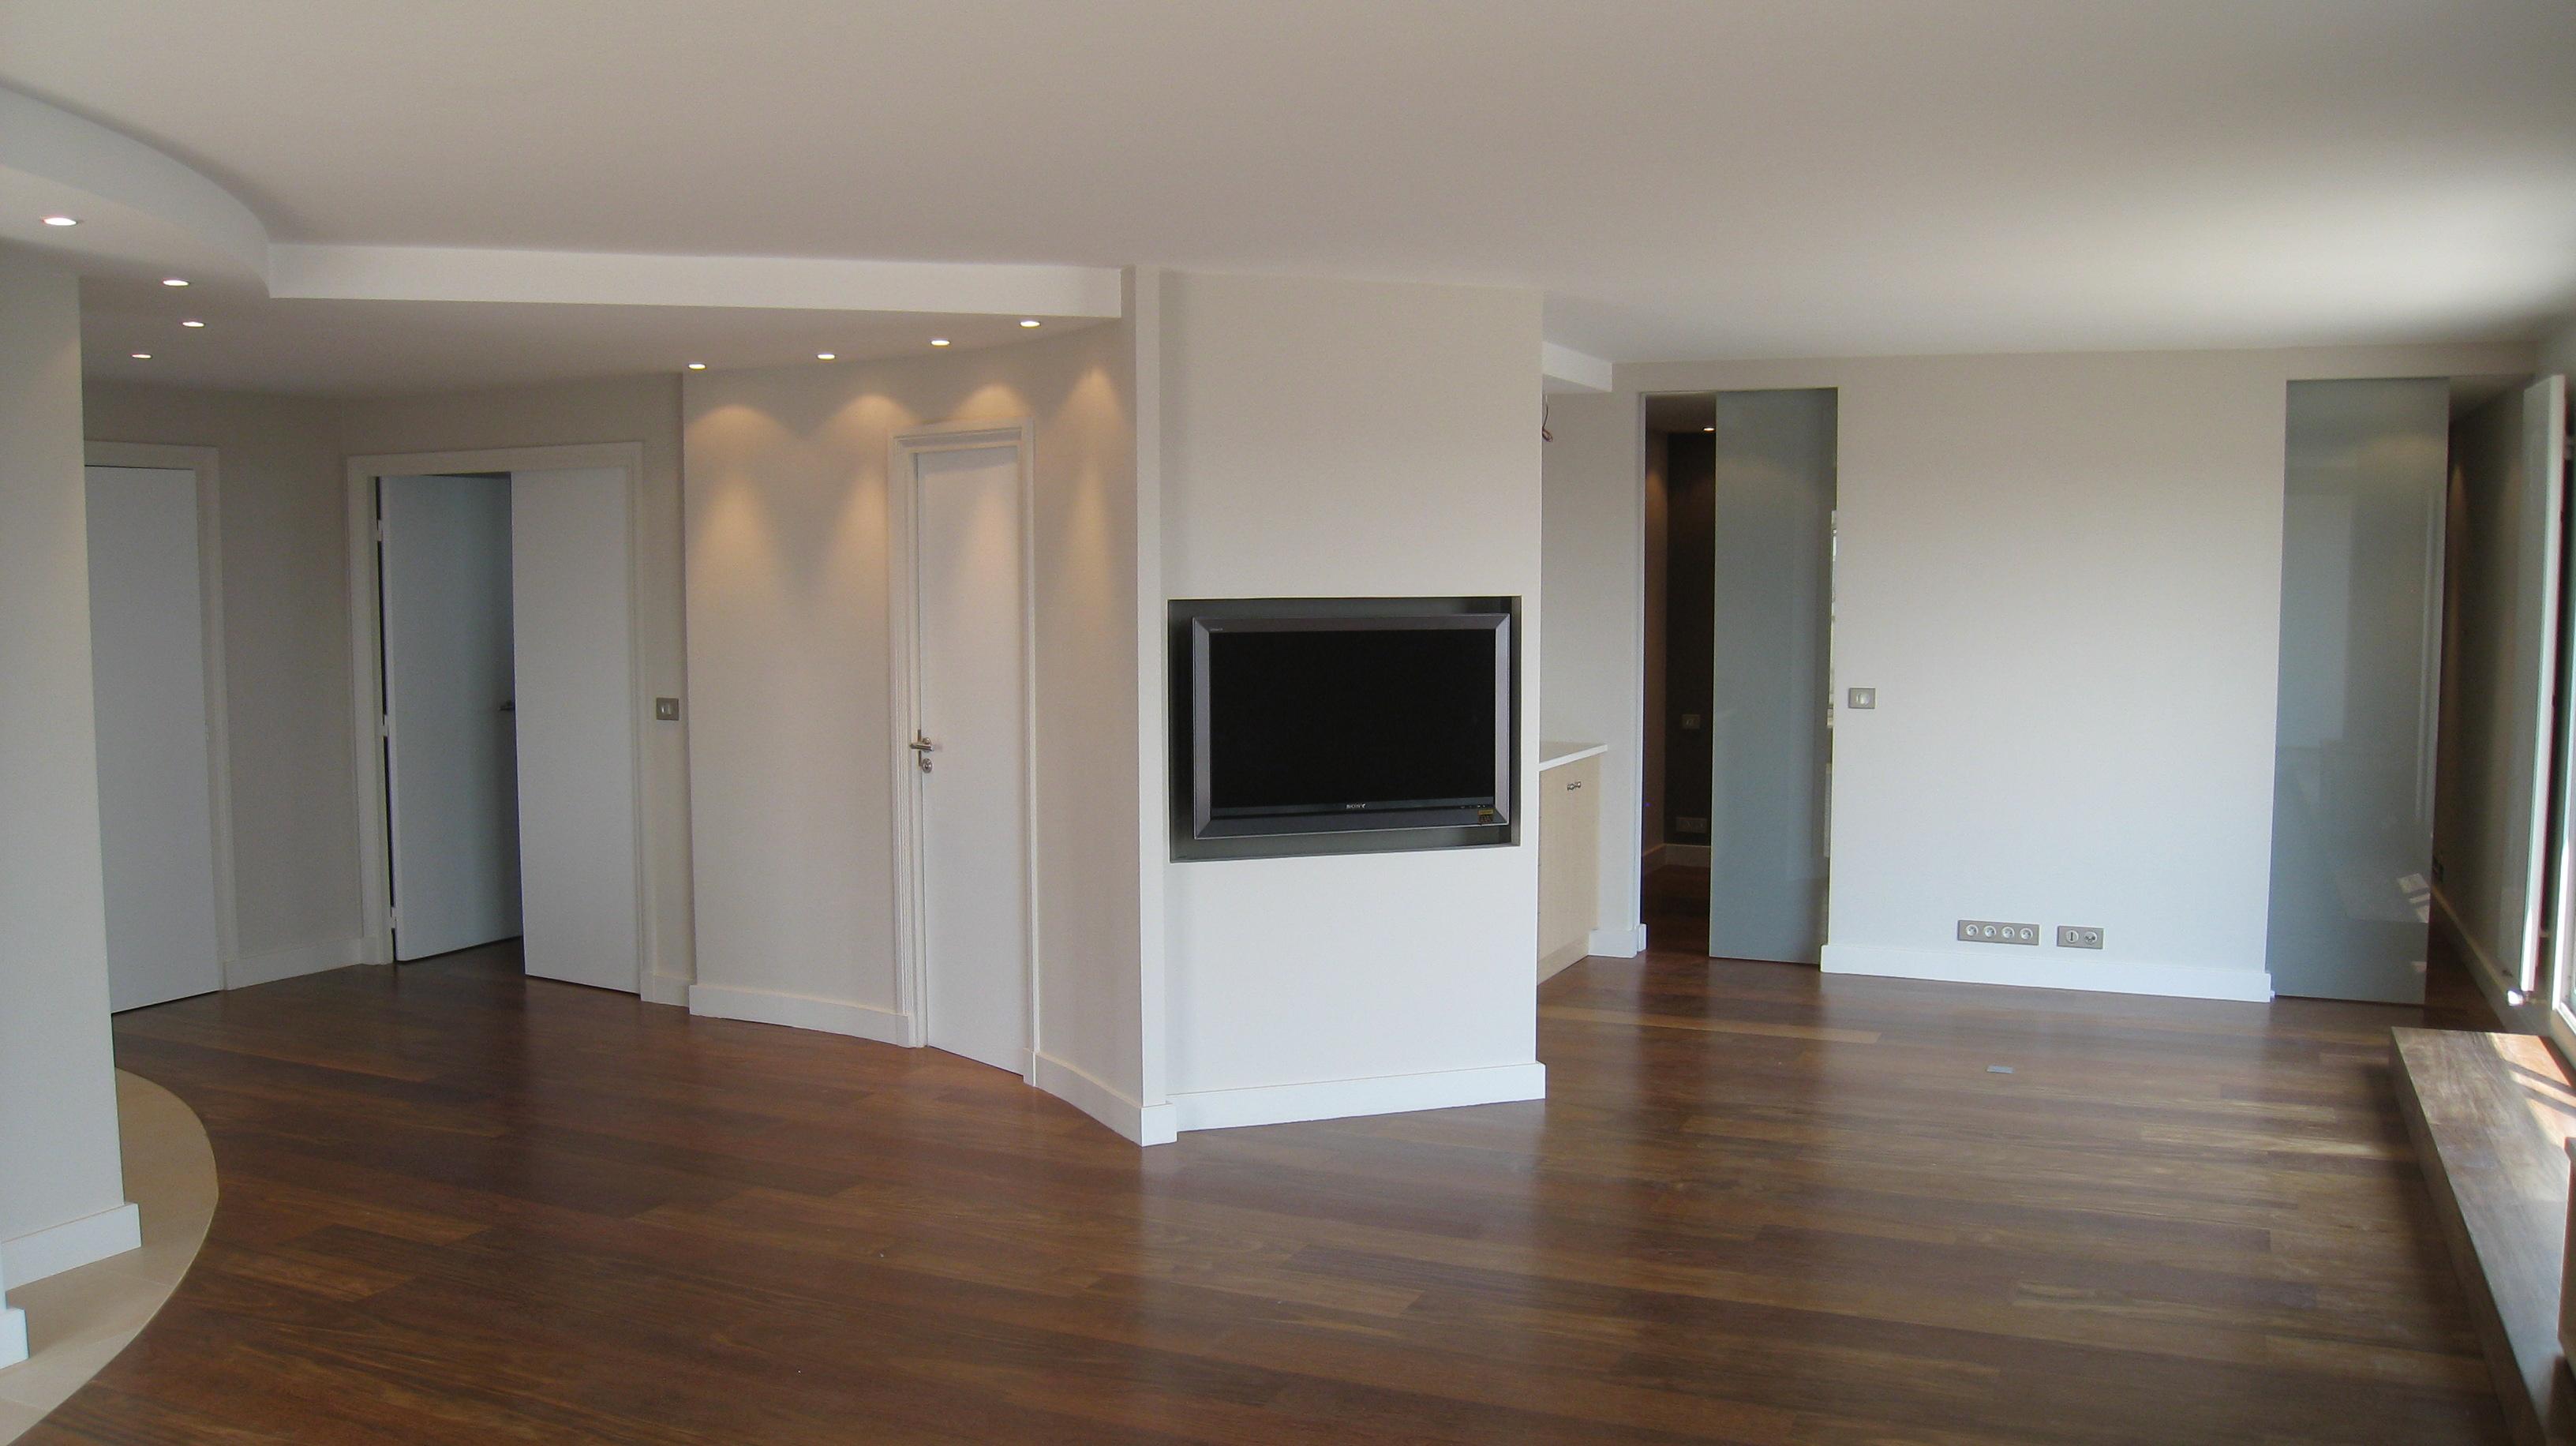 appartement en espace ouvert neuilly sur seine architecte interieur philippe ponceblanc. Black Bedroom Furniture Sets. Home Design Ideas